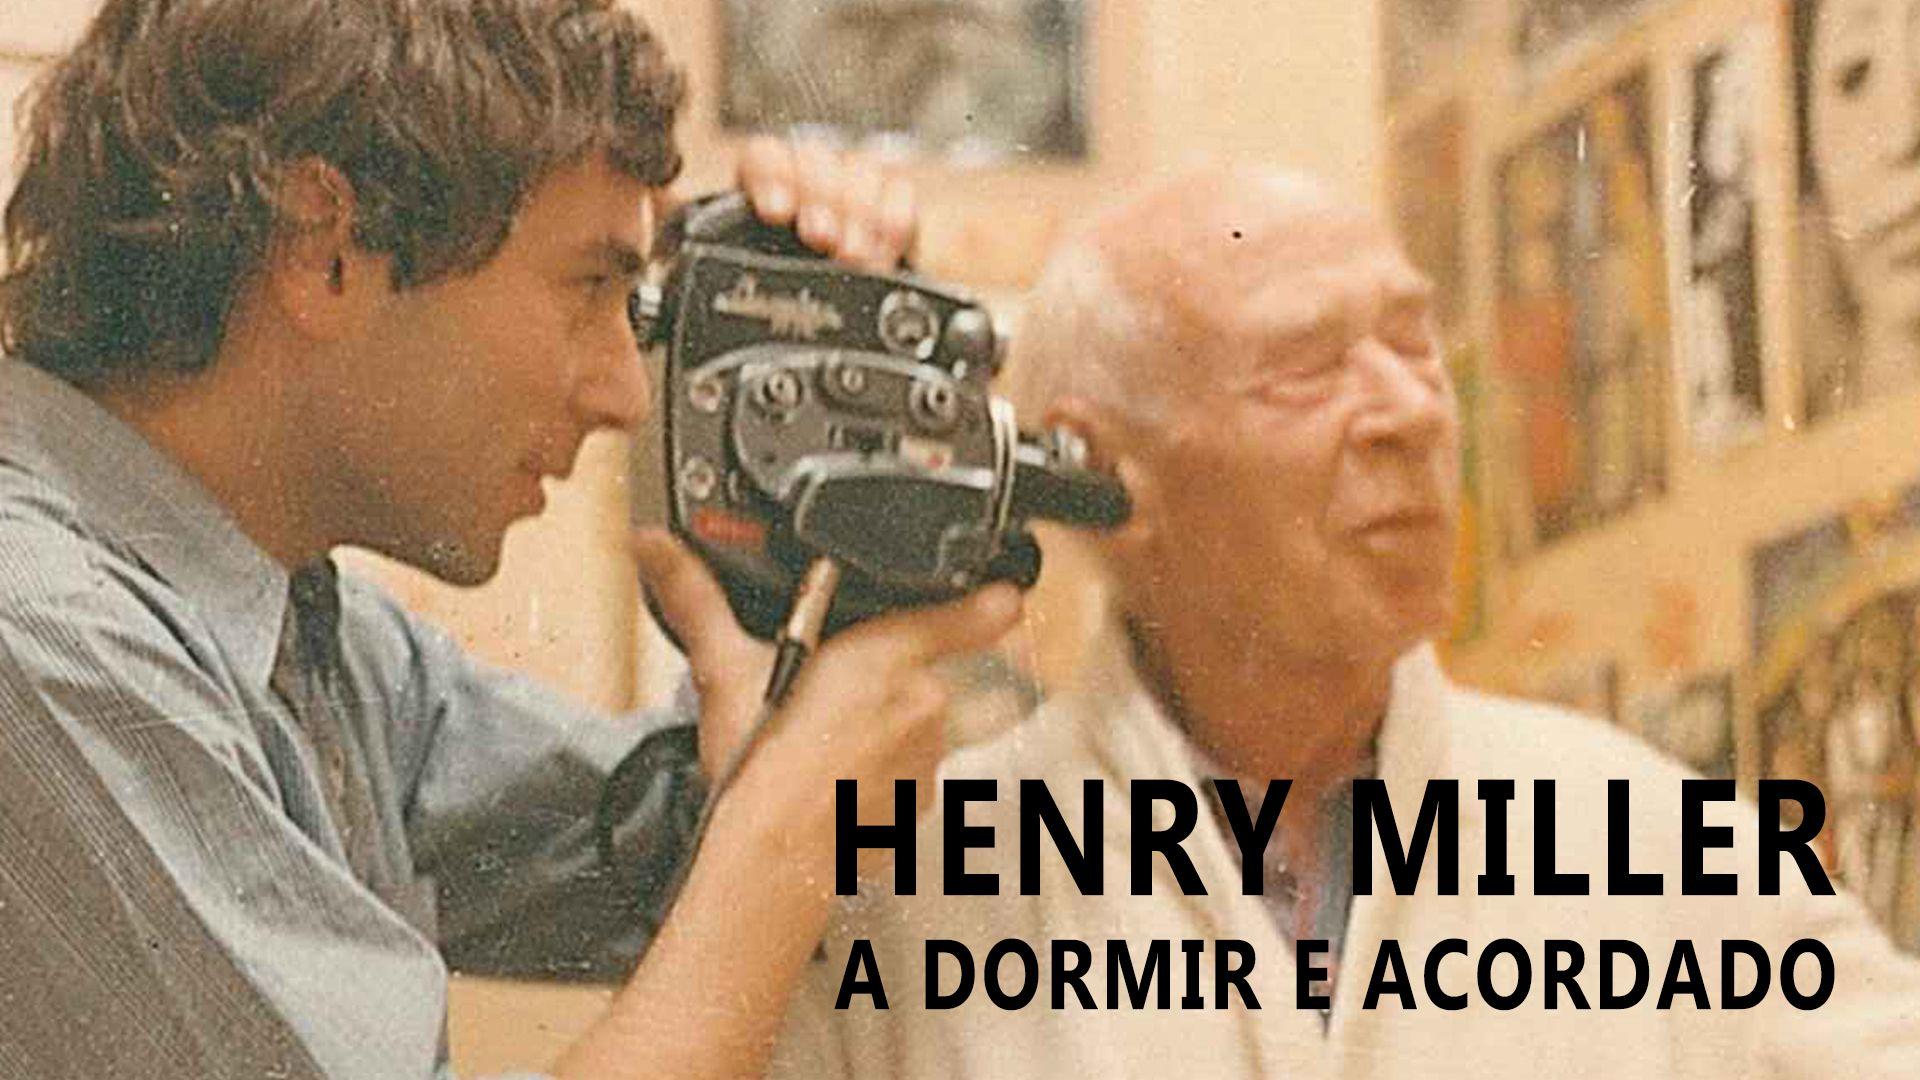 Henry Miller a Dormir e Acordado